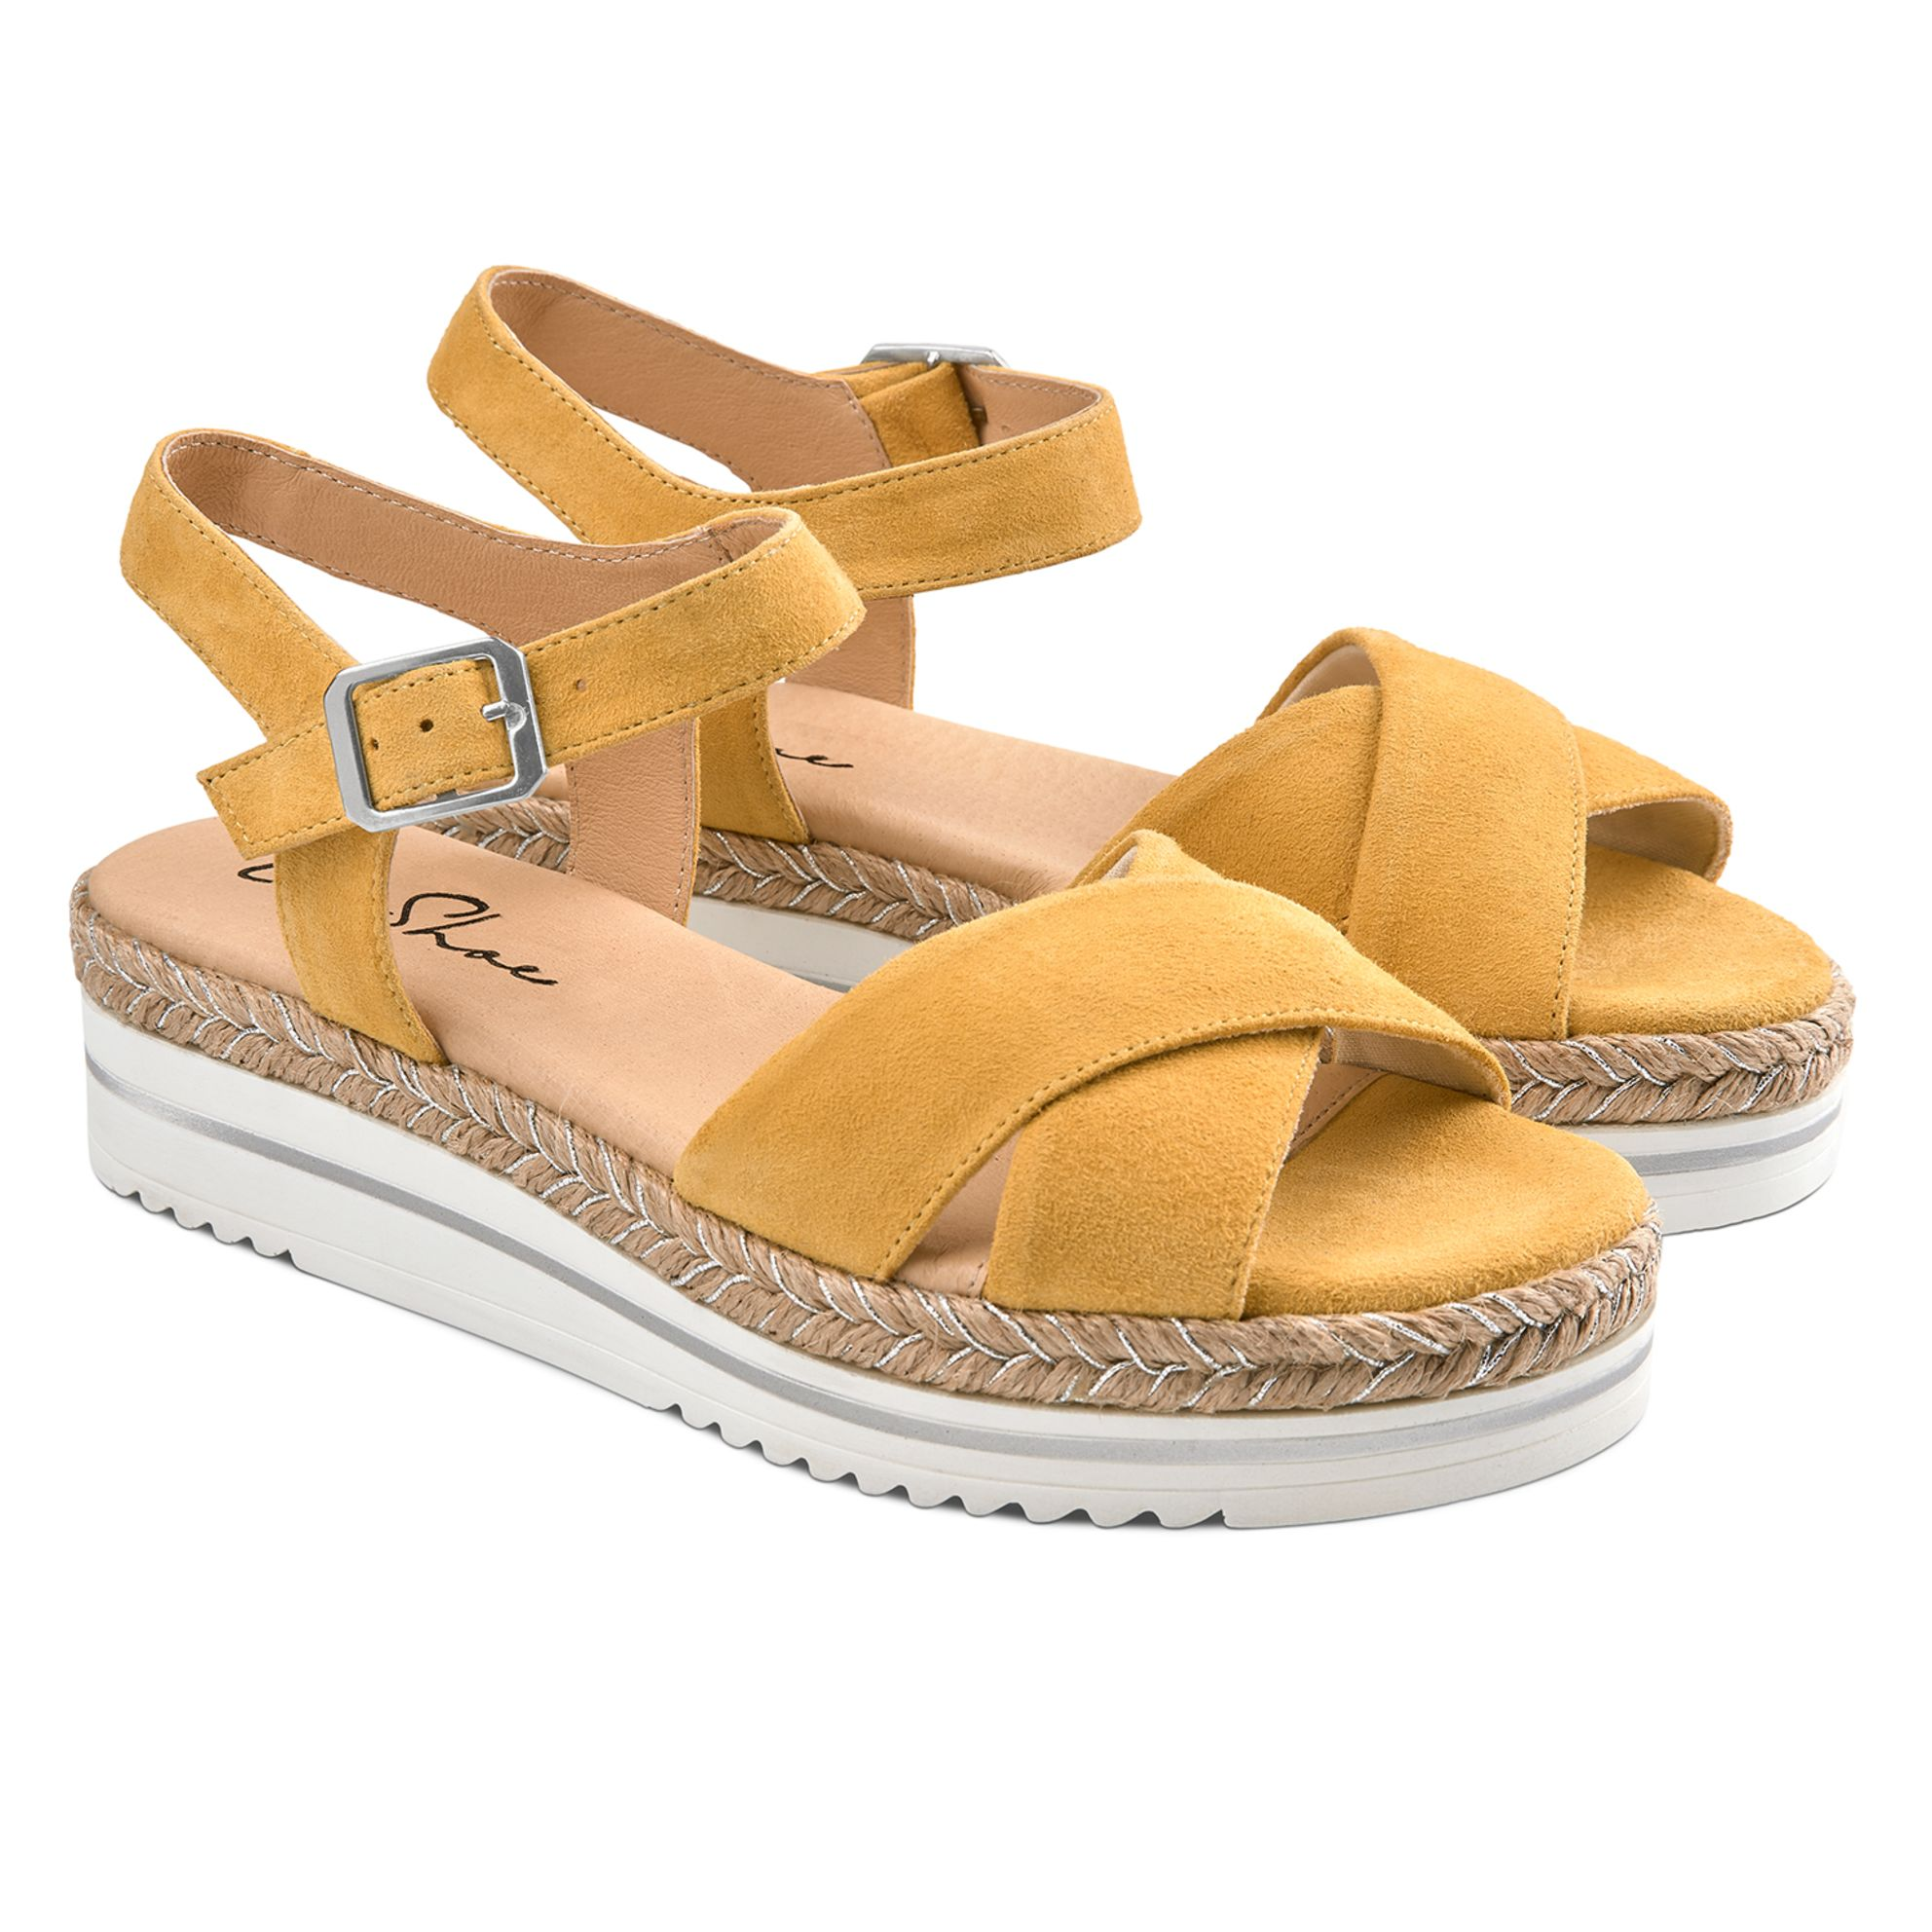 Sandale Summertime Gelb – modischer und bequemer Schuh für Hallux valgus und empfindliche Füße von LaShoe.de